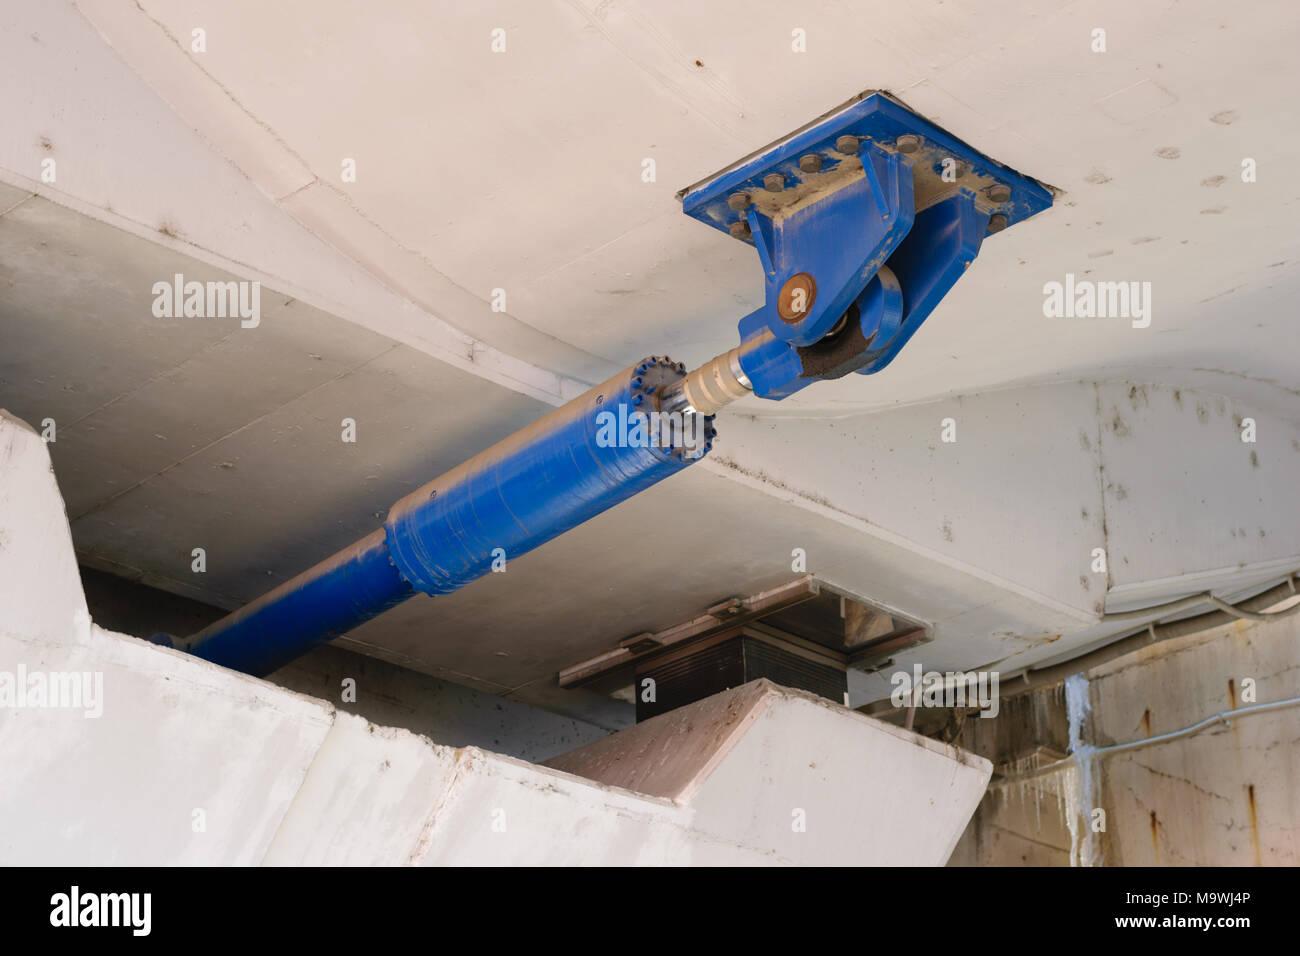 Unter Brücke massive hydraulischen Dämpfer verwendet, der große Mengen an Energie, die von der plötzlichen dynamisches Laden wie Erdbeben Ergebnis abzuleiten. Stockbild